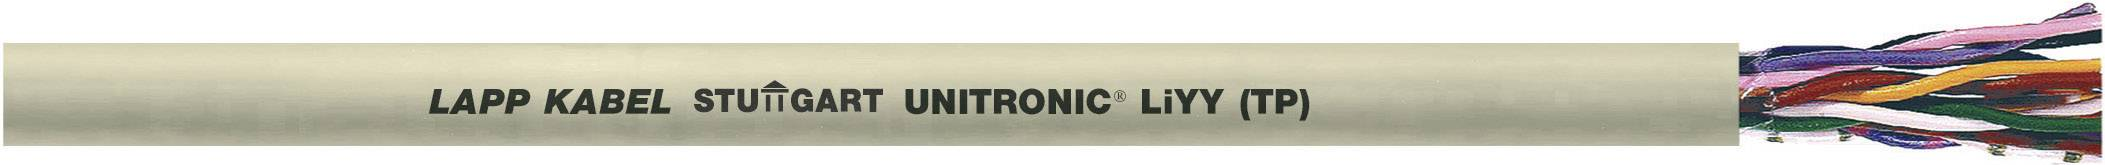 Dátový kábel LappKabel 0035108 UNITRONIC® LiYY (TP), 10 x 2 x 0.14 mm², sivá, metrový tovar